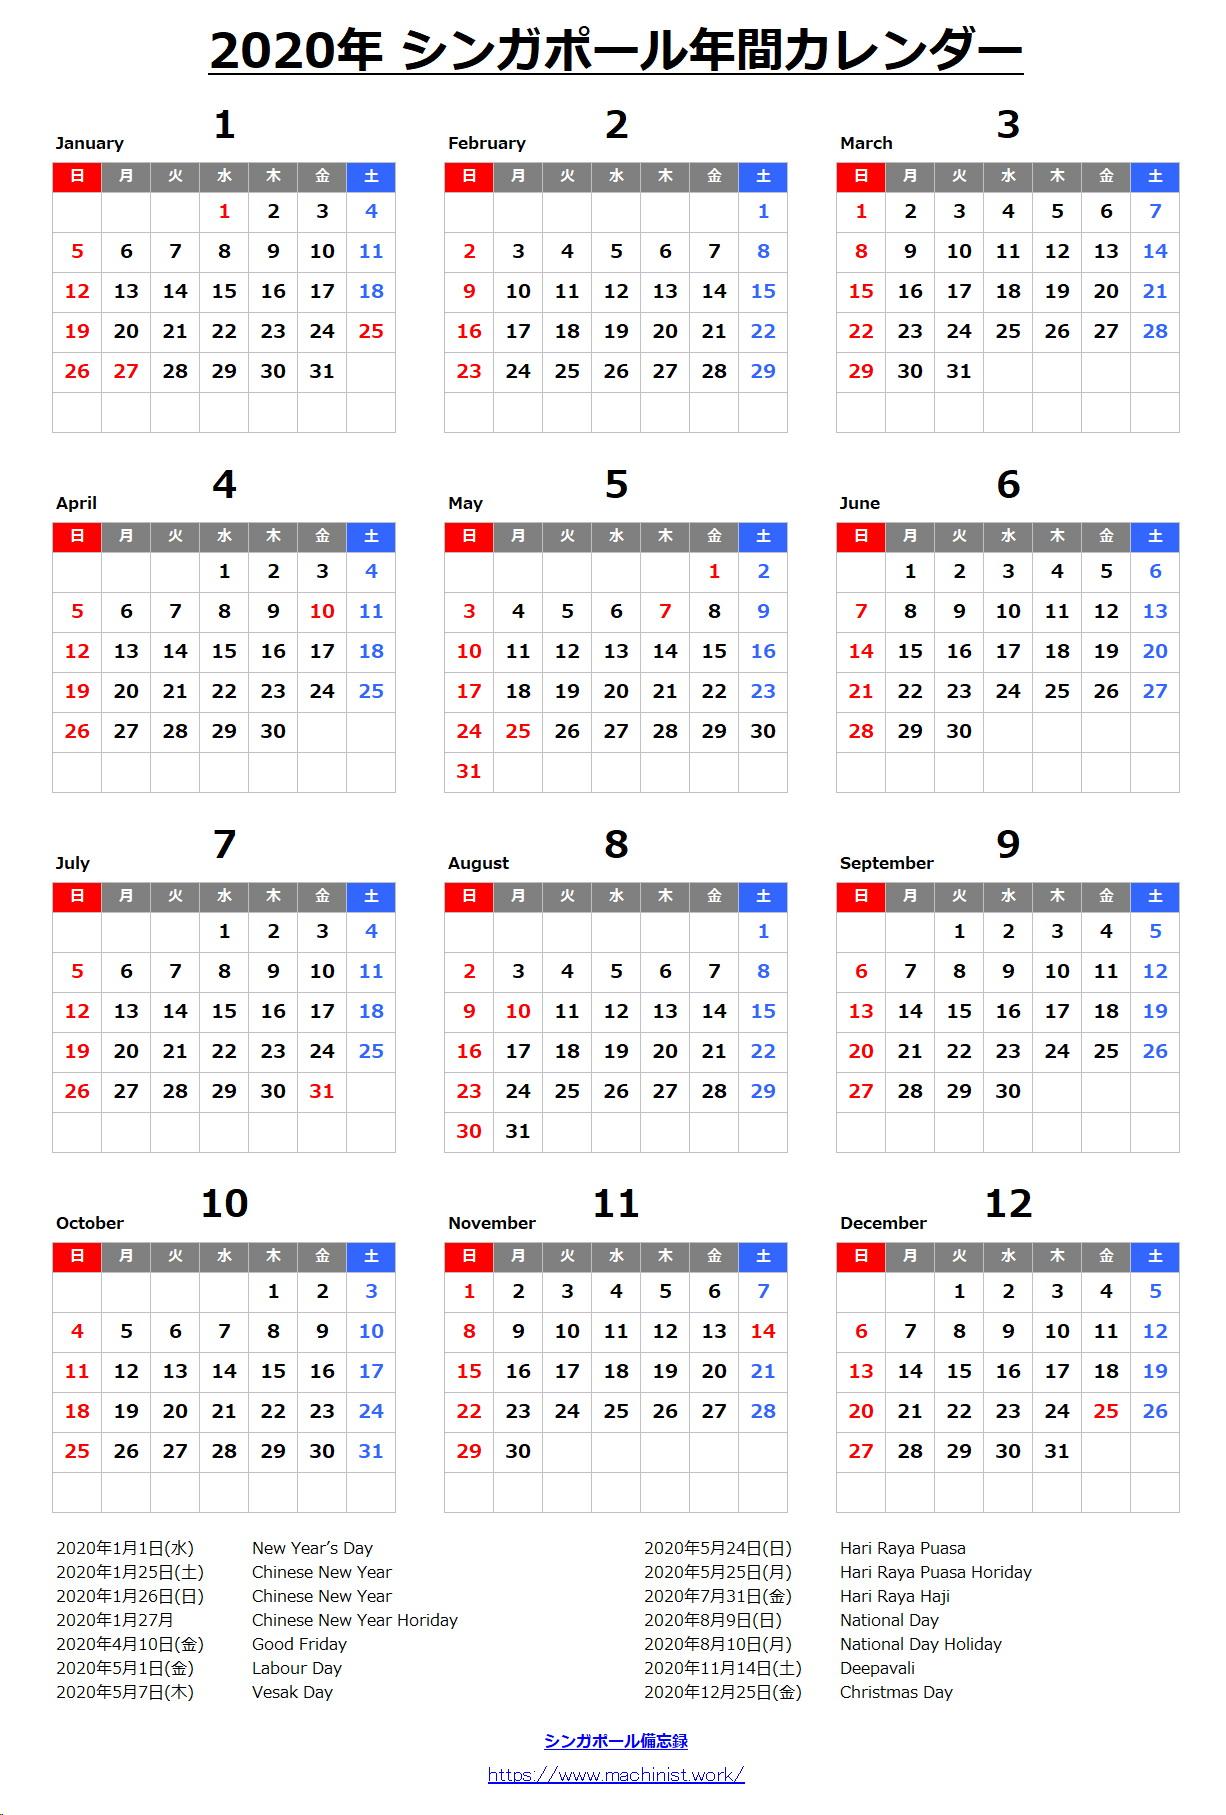 2020 年 祝日 カレンダー 2020年 日本の祝日カレンダー - calendar.infocharge.net